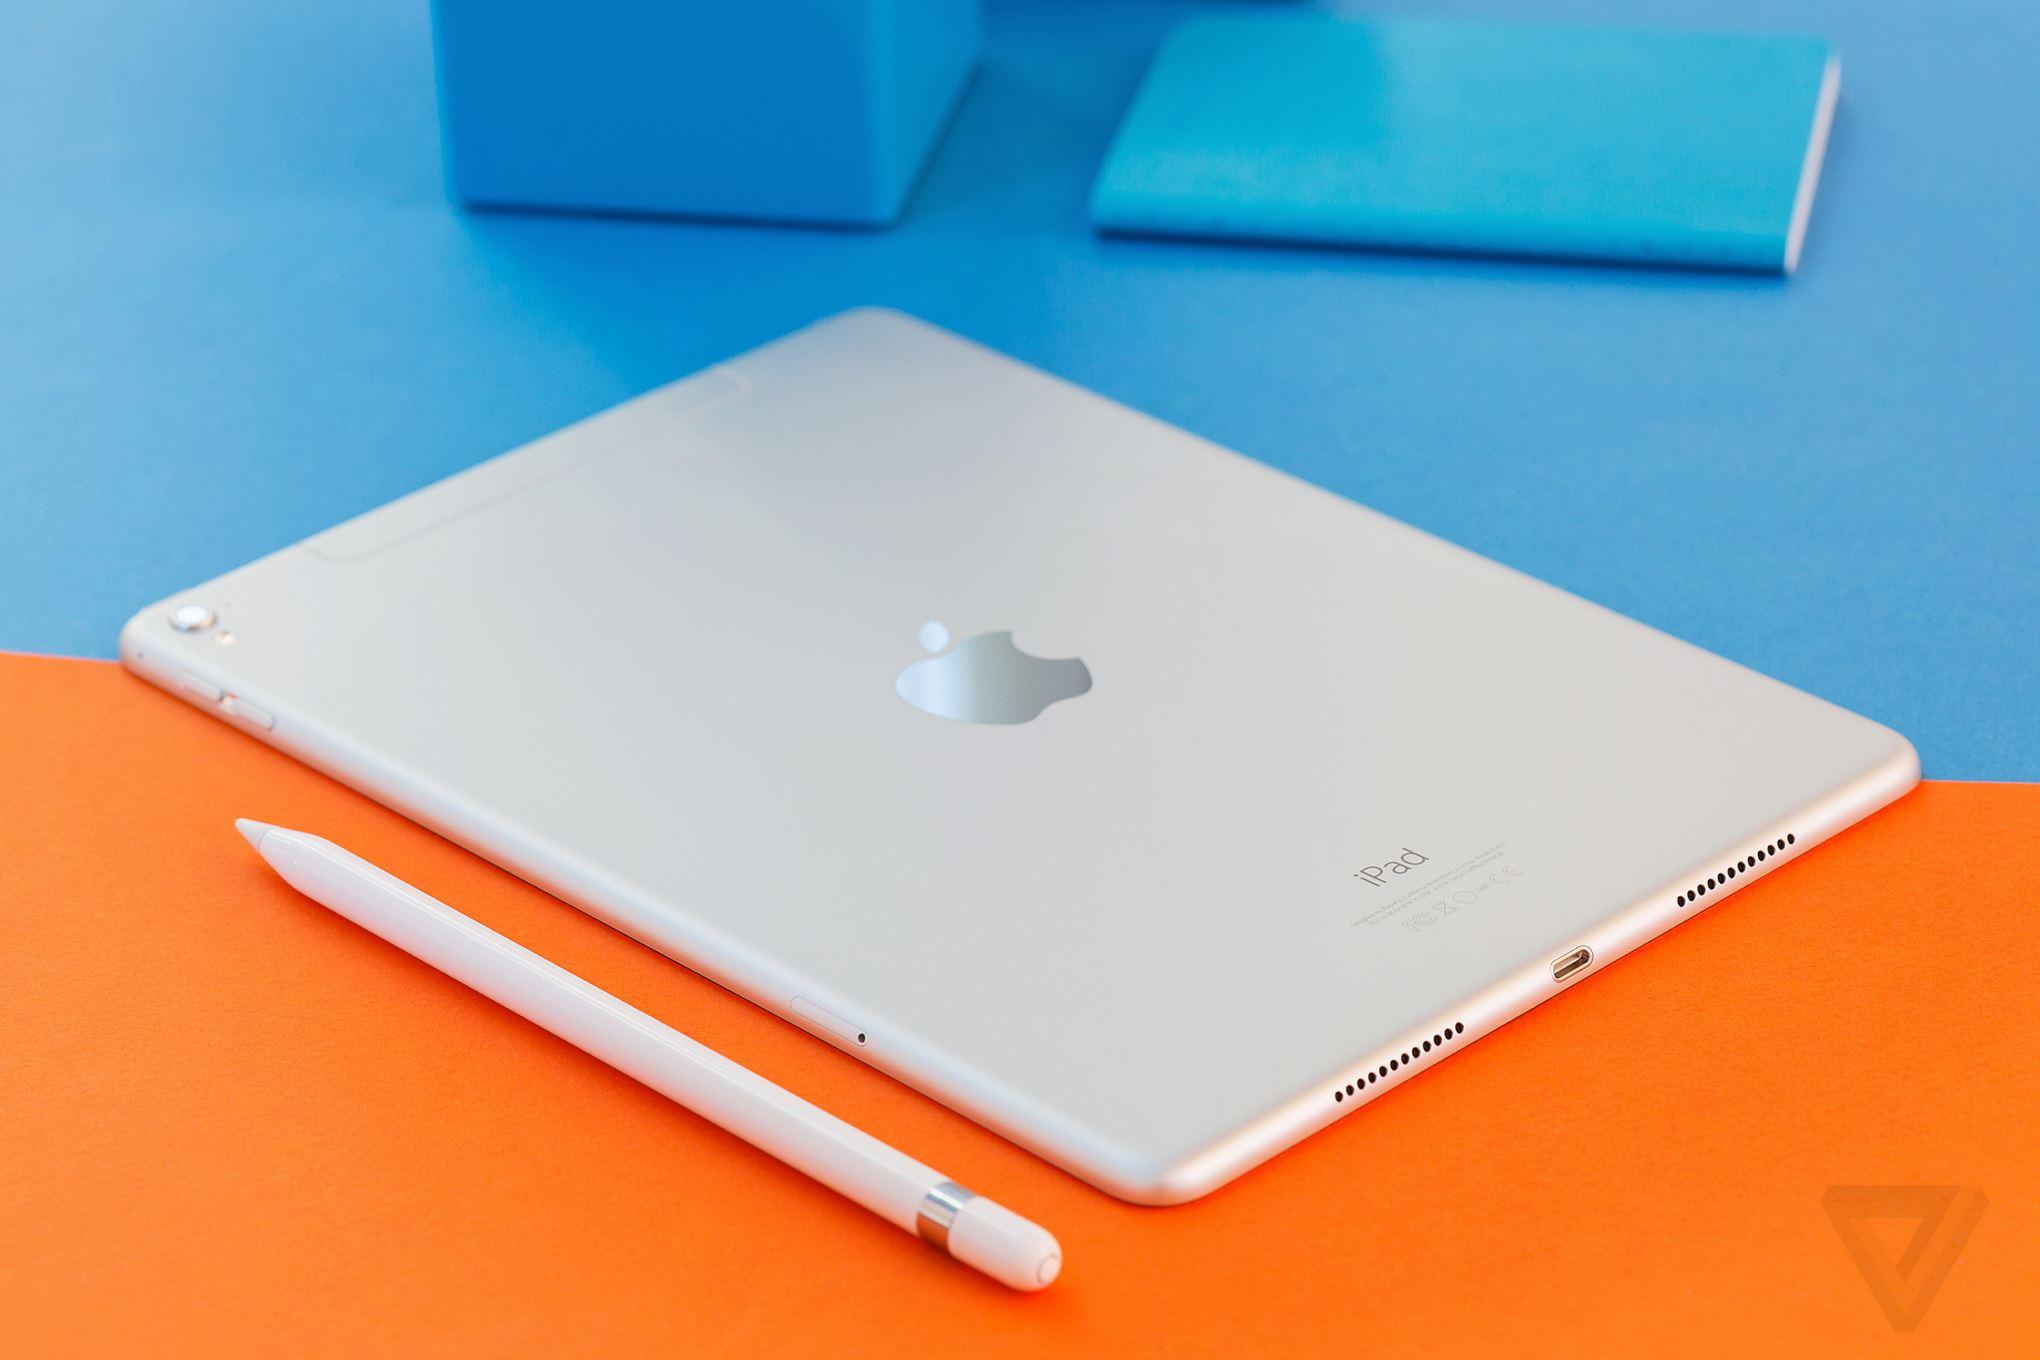 iPad mới sẽ tích hợp nút Home vào màn hình hiển thị